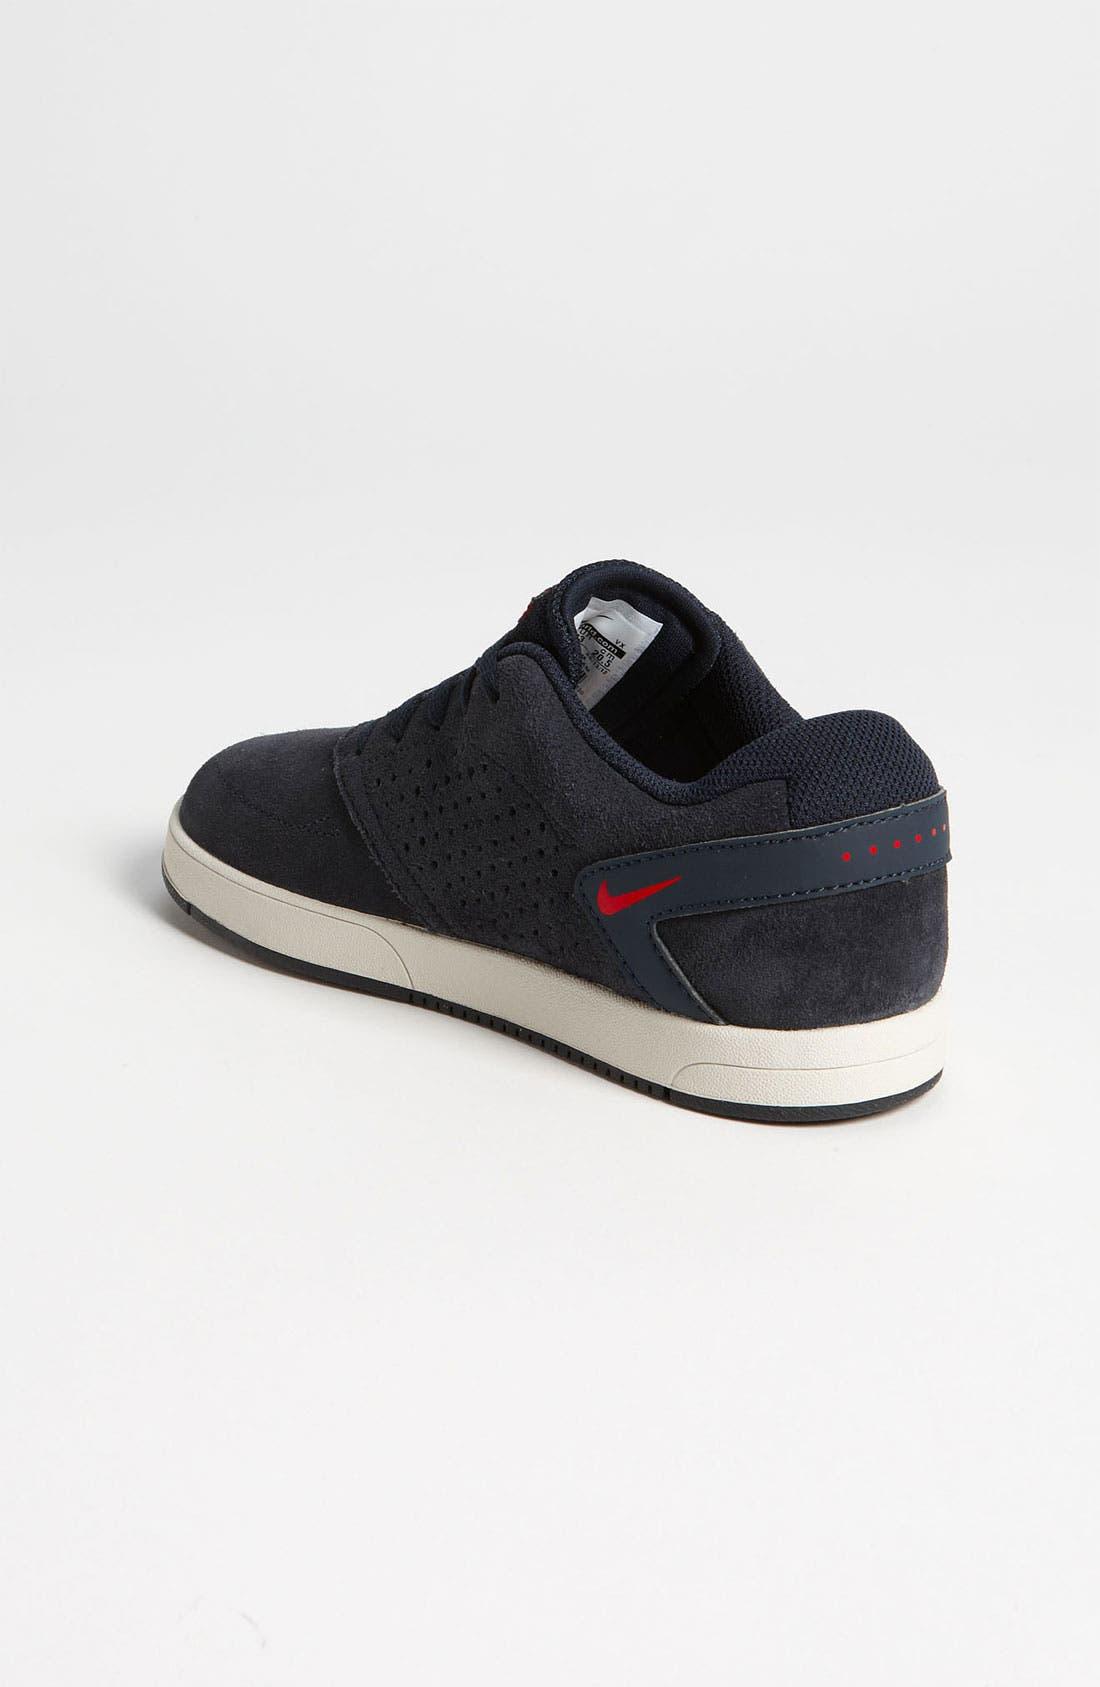 Alternate Image 2  - Nike 'Paul Rodriguez 6' Sneaker (Toddler, Little Kid & Big Kid)